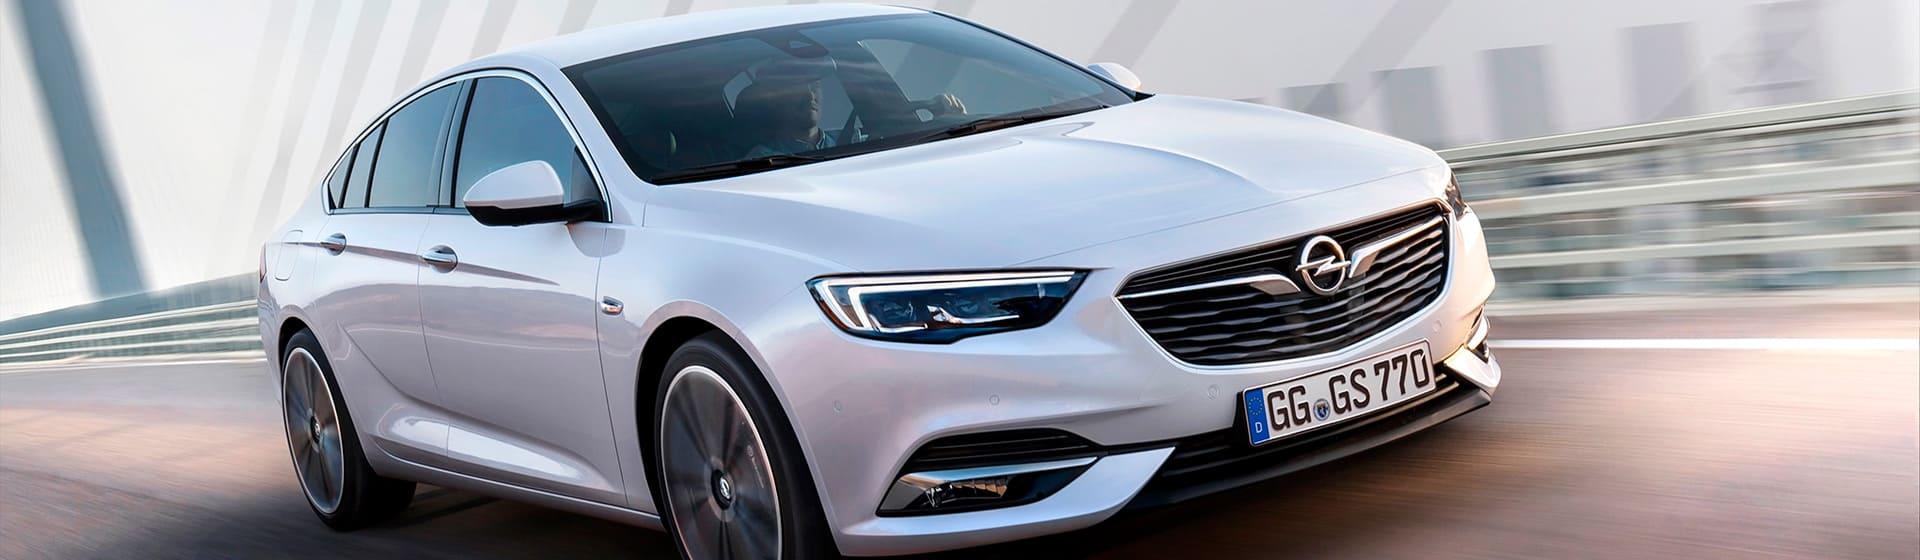 Opel - Костюмы